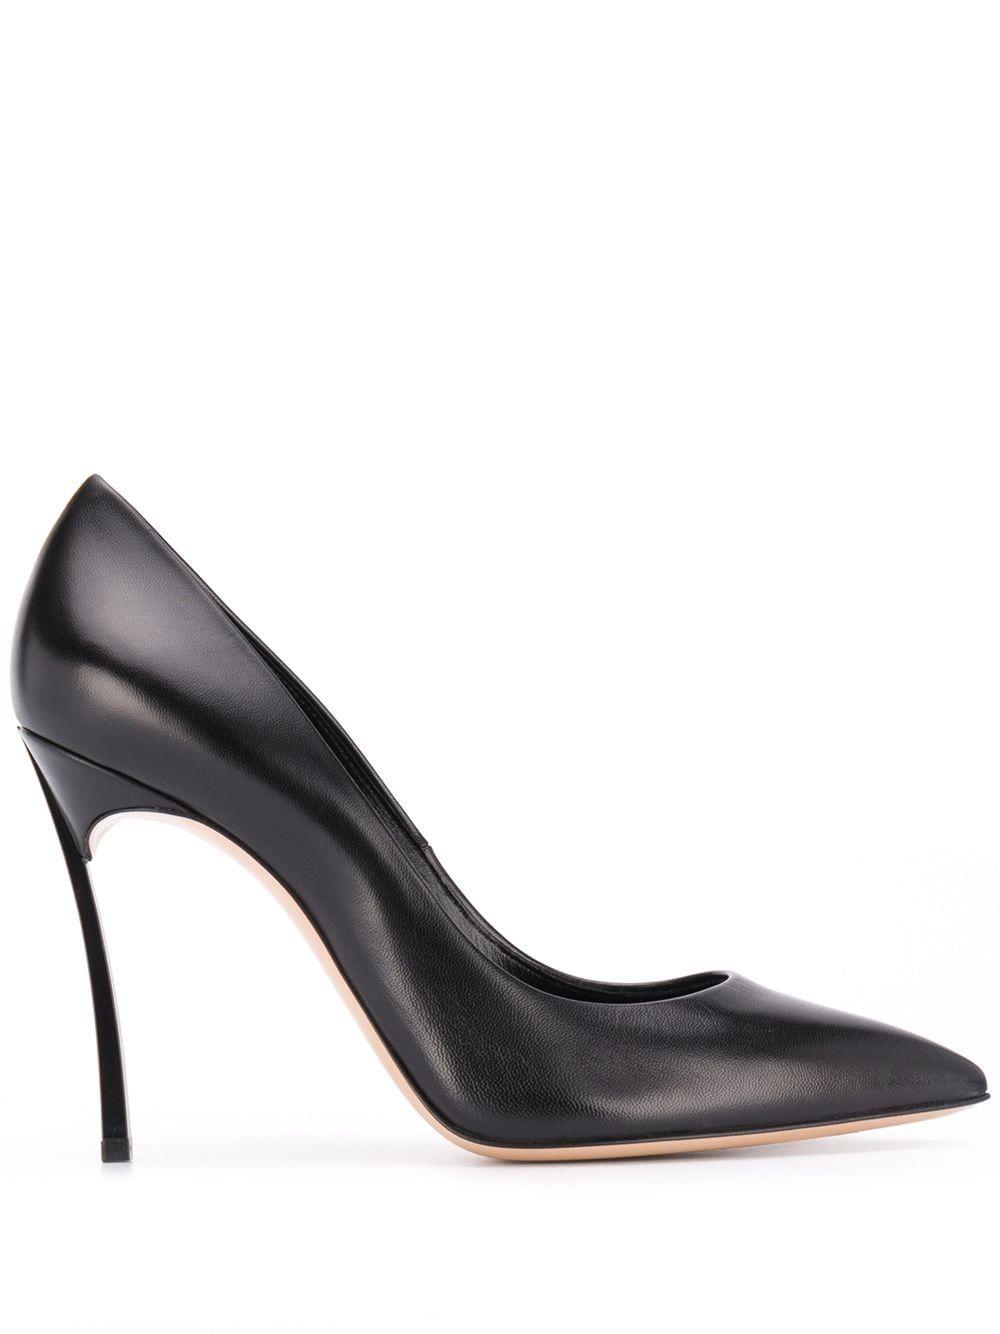 Casadei with heel black